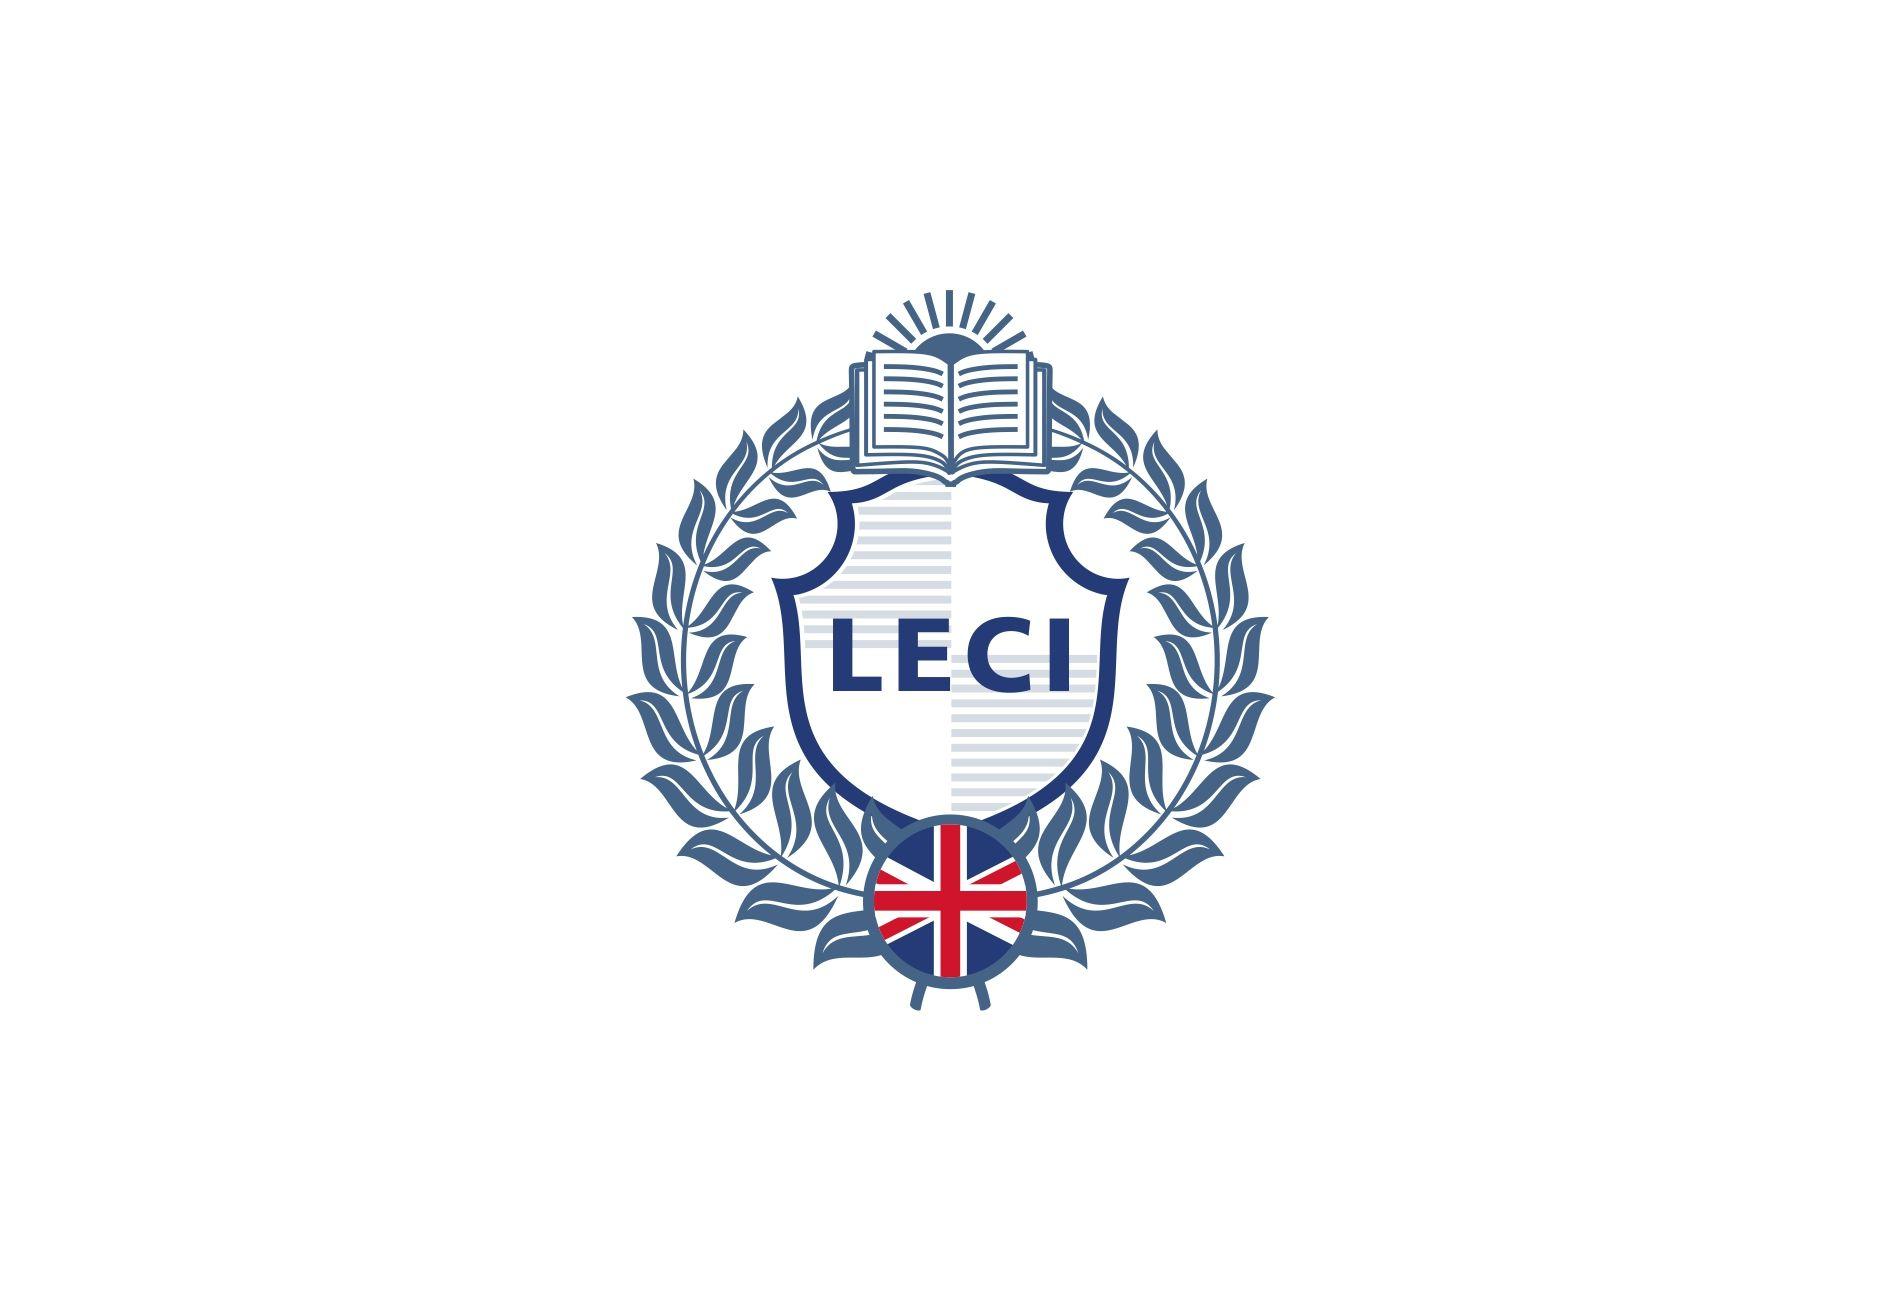 Лого для образовательного учреждения LECI  - дизайнер Nodal